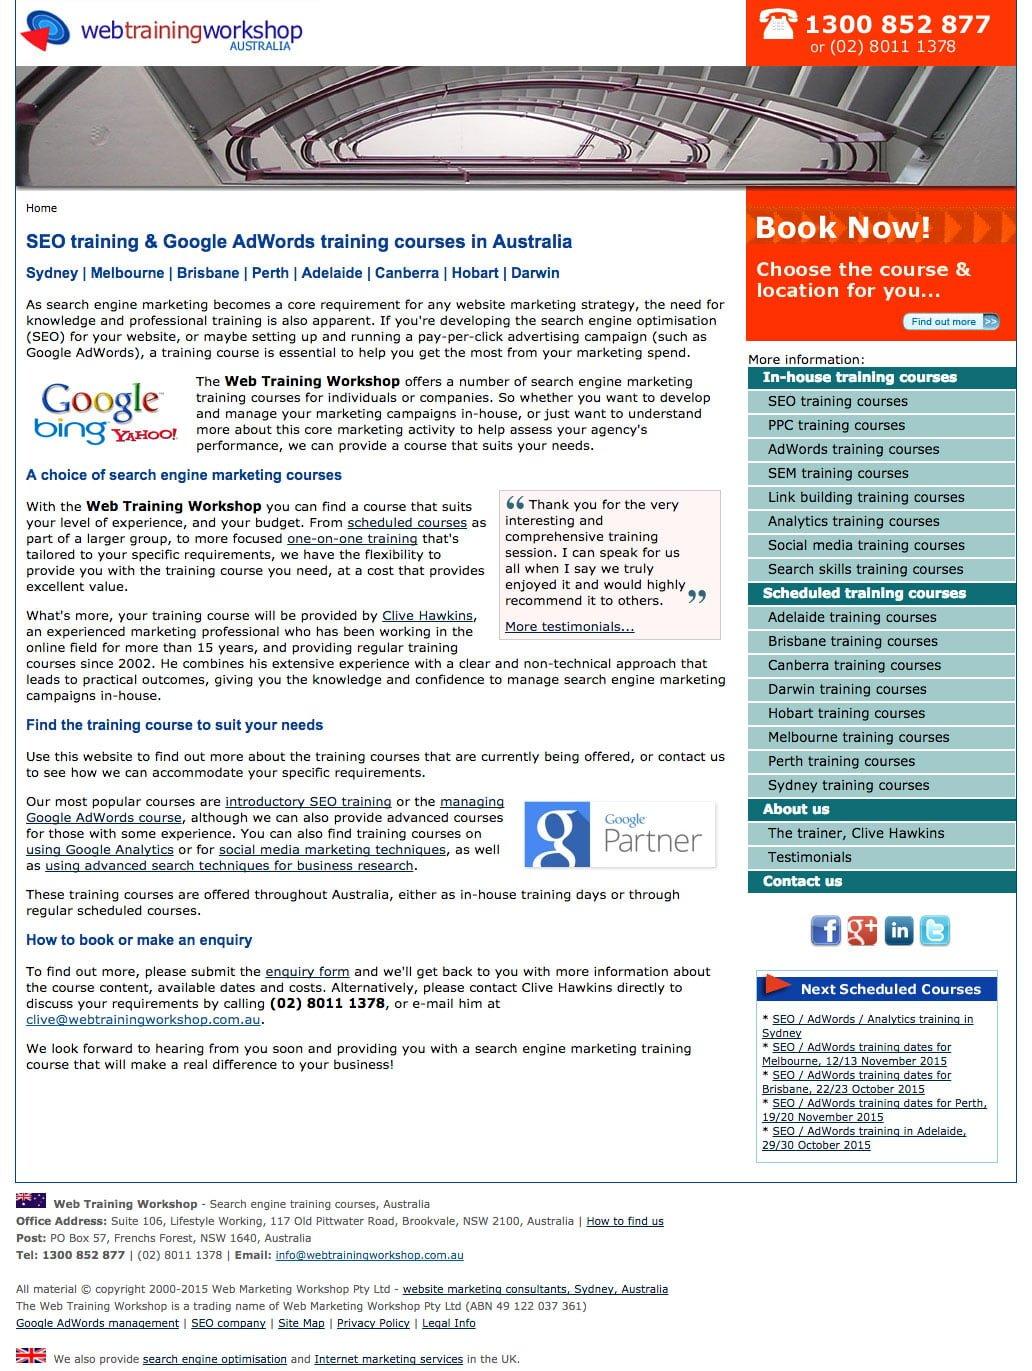 Web-Training-Workshop-home-old